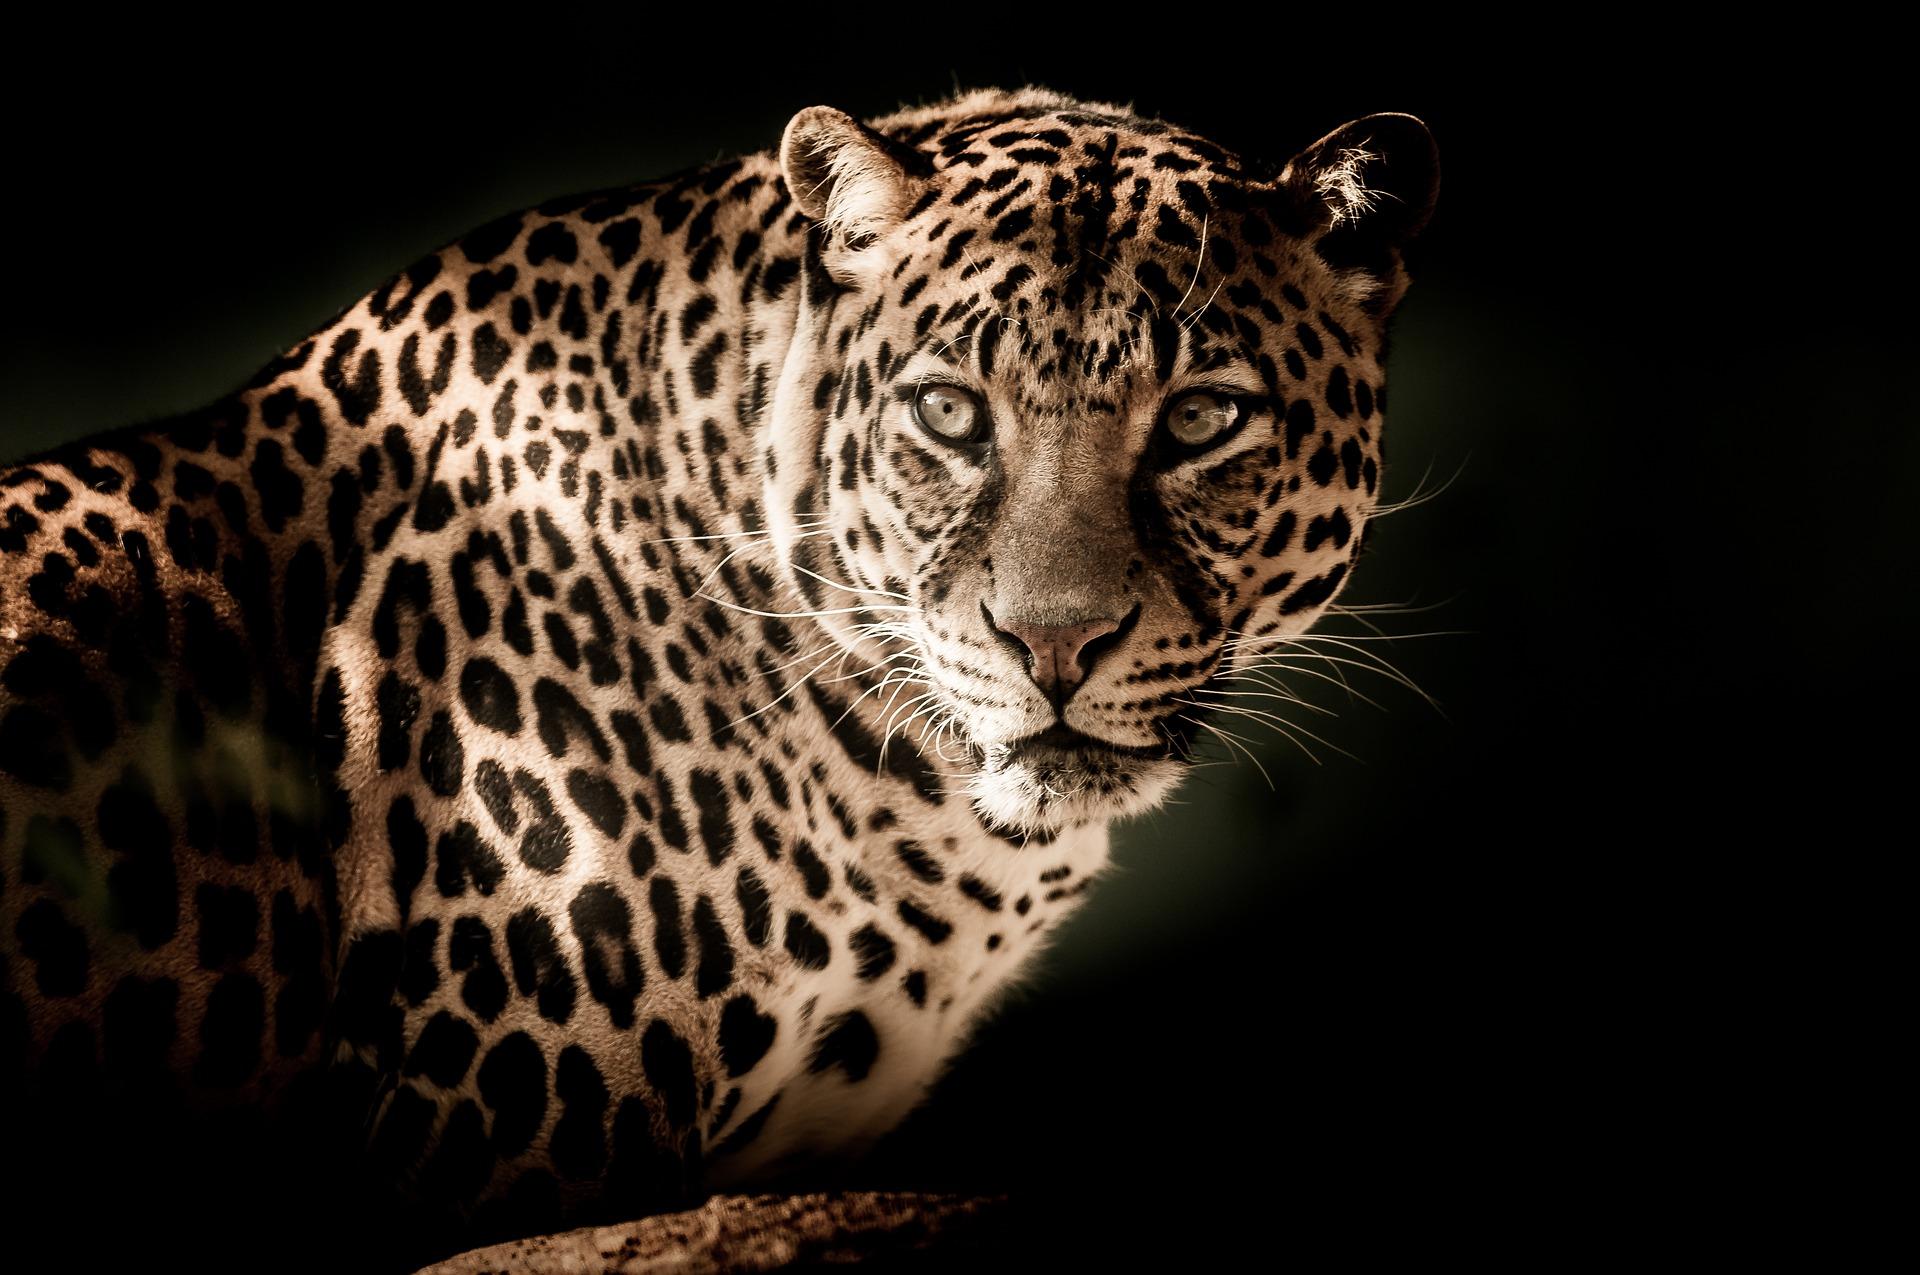 Leopard - leopard